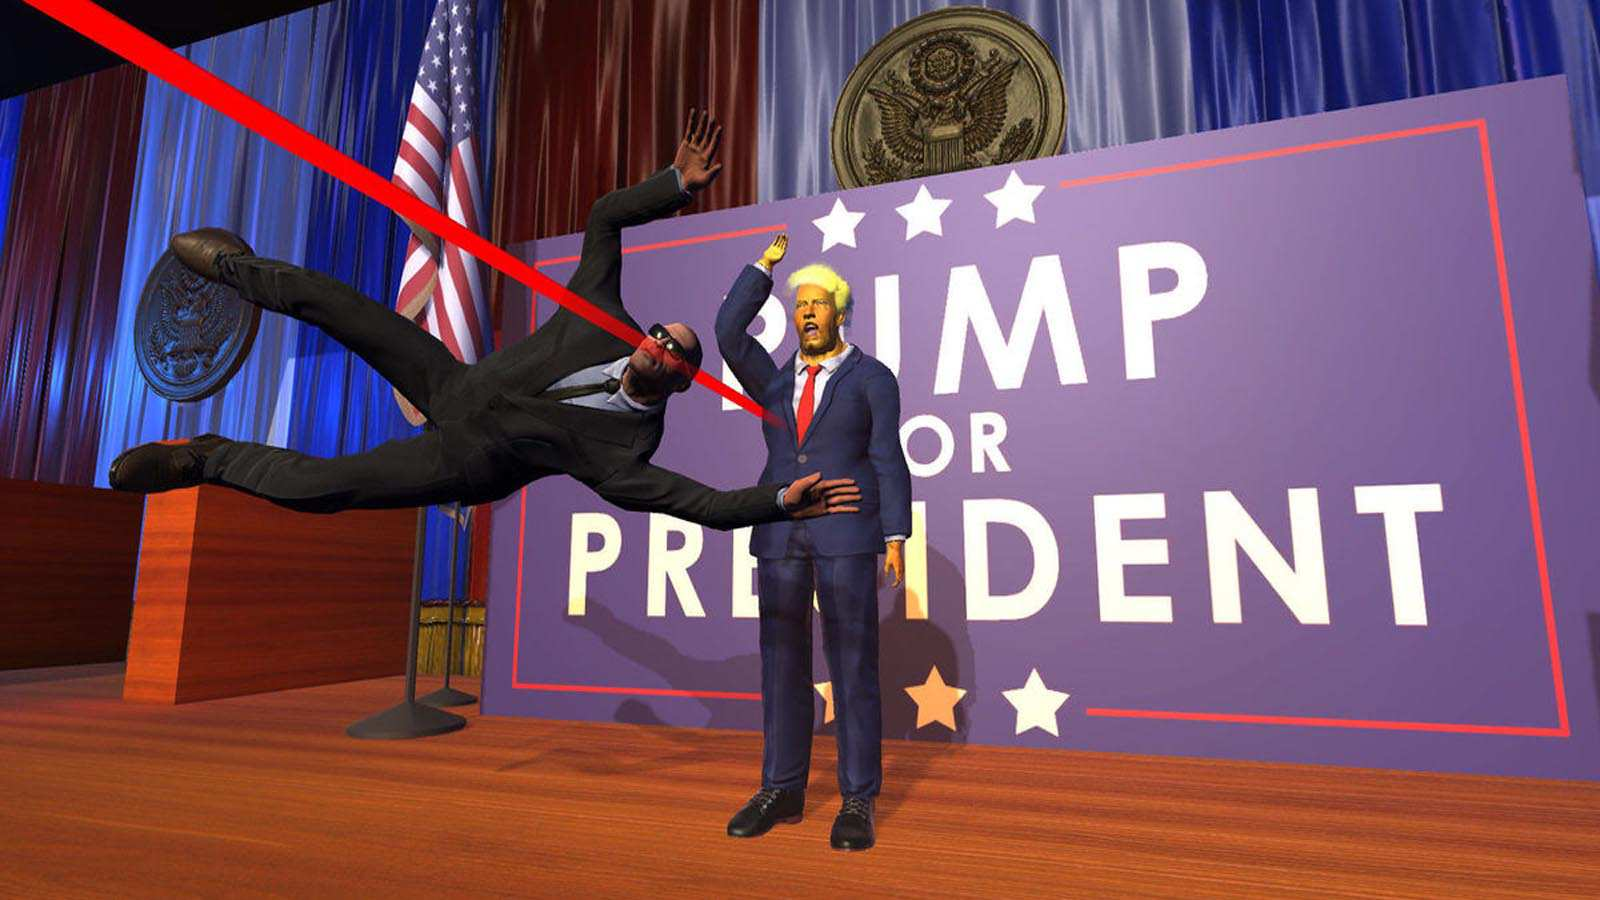 تحميل لعبة Mr President مضغوطة برابط واحد مباشر + تورنت كاملة مجانا